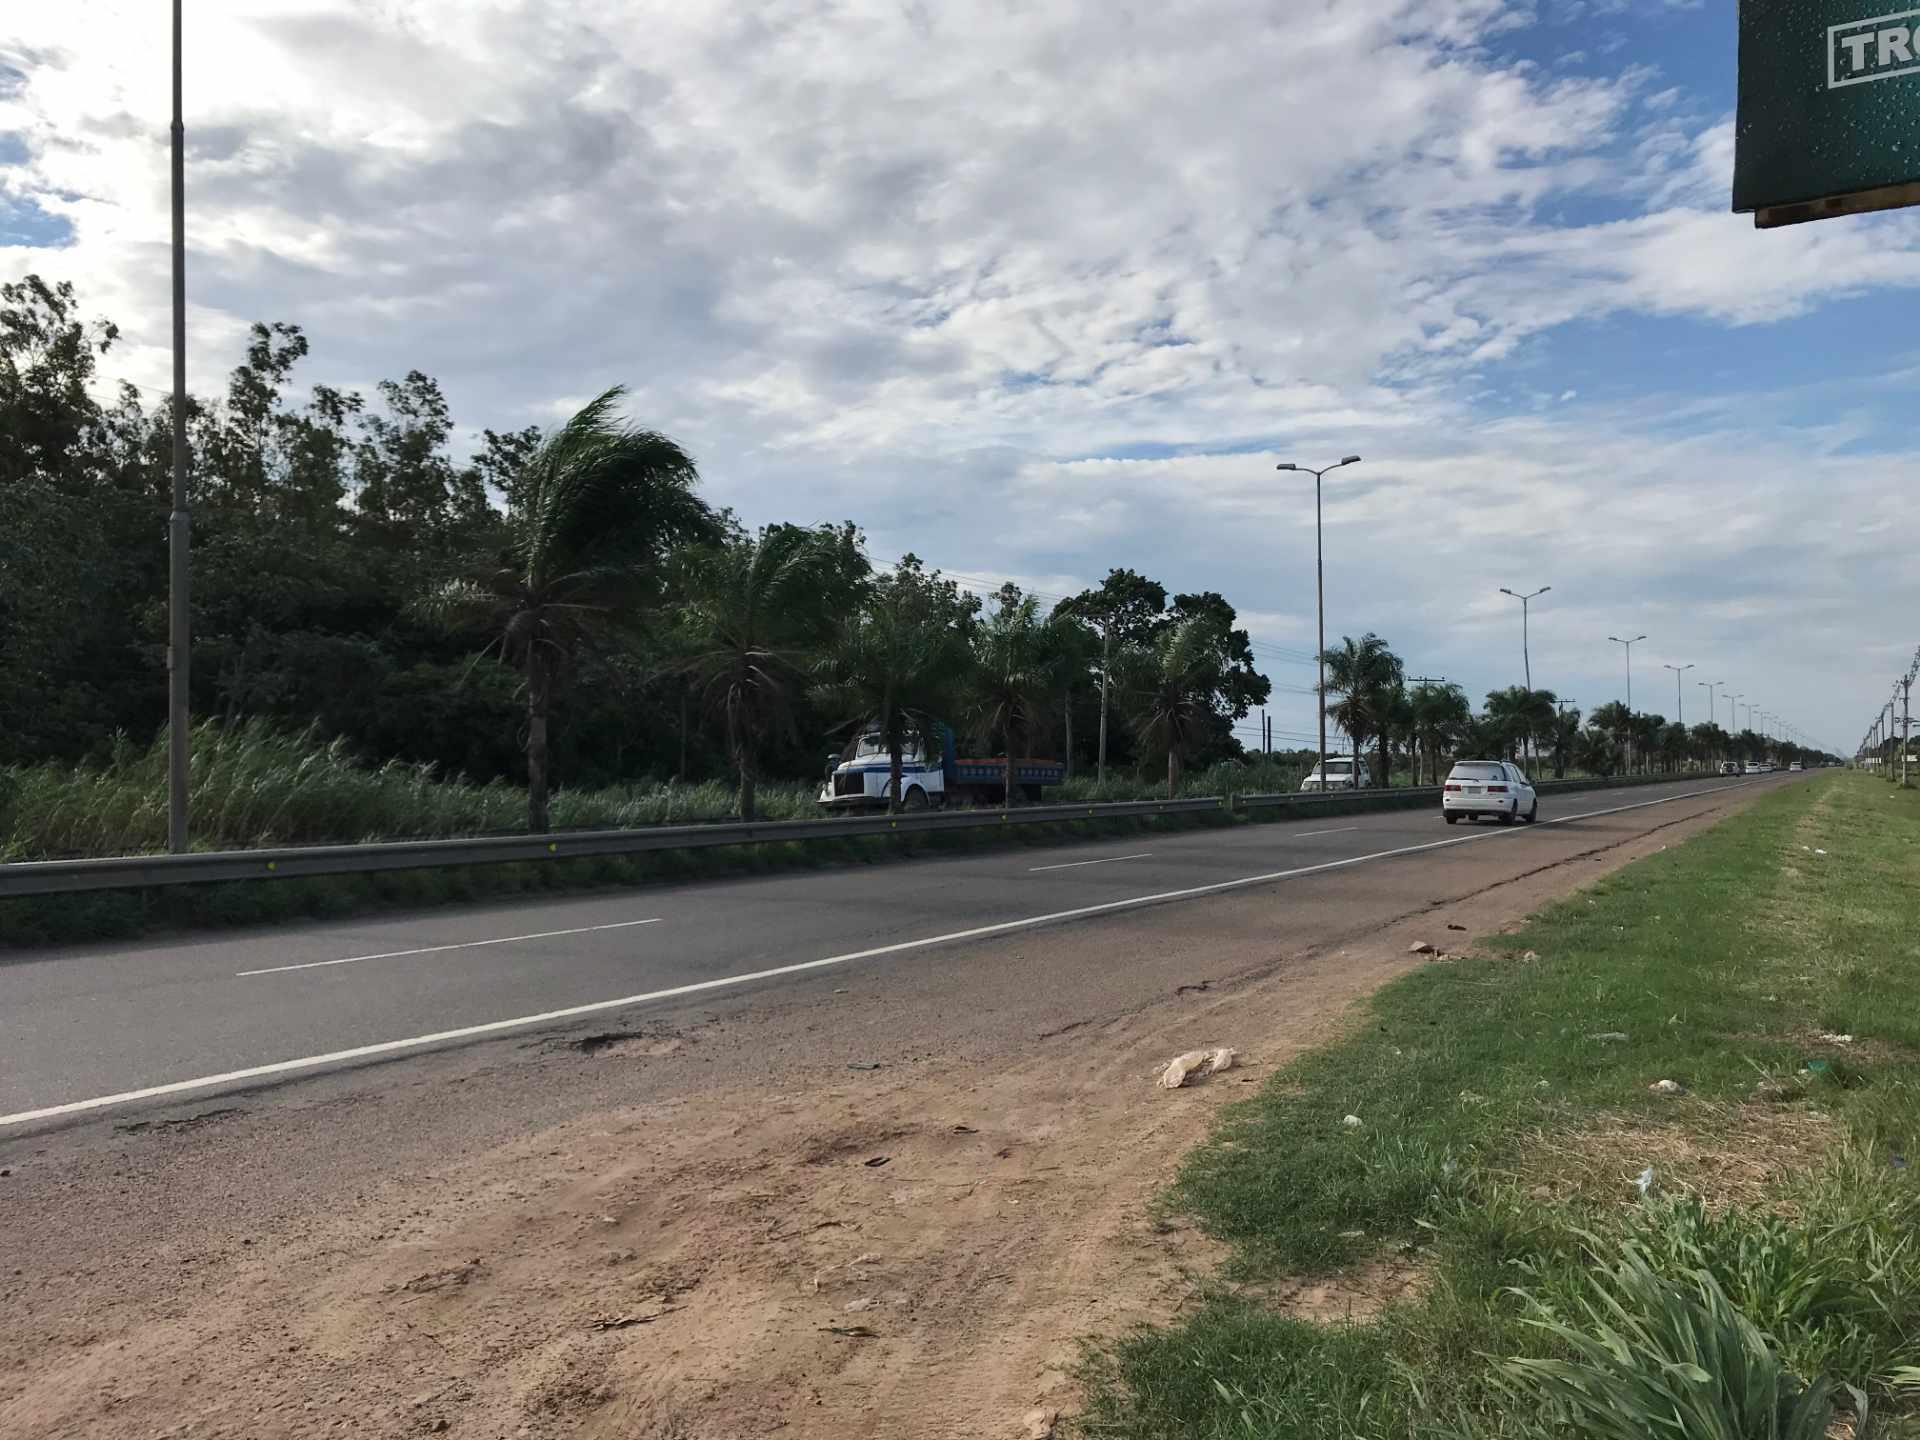 Terreno en Venta Complejo Campestre Norte, Km 23 Carretera al Norte.  Foto 18